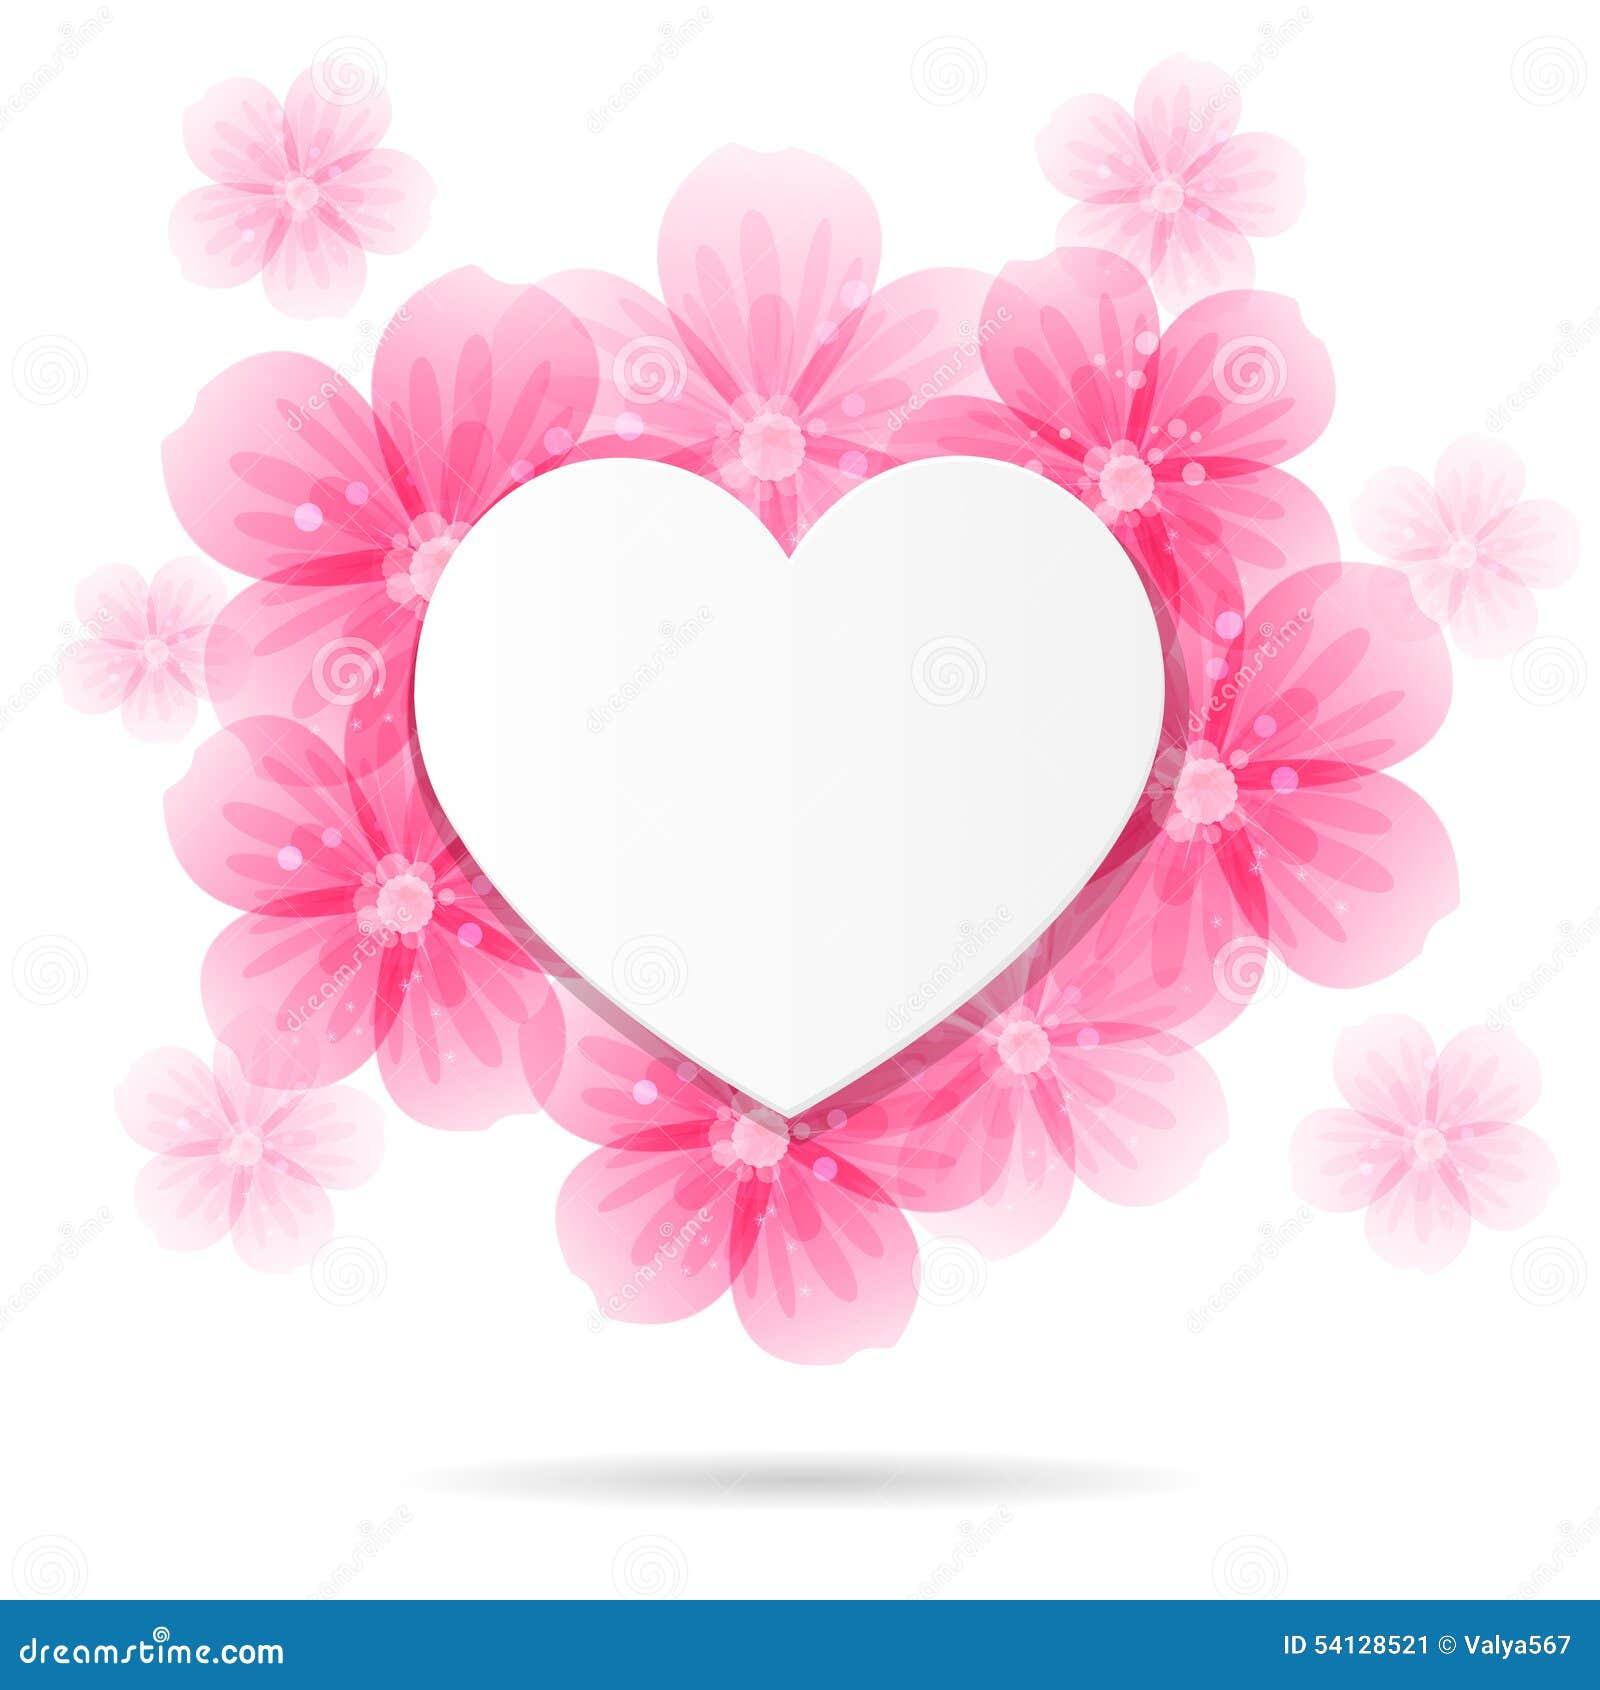 Fondo Con El Marco Y Las Flores En Forma De Corazón Ilustración Del